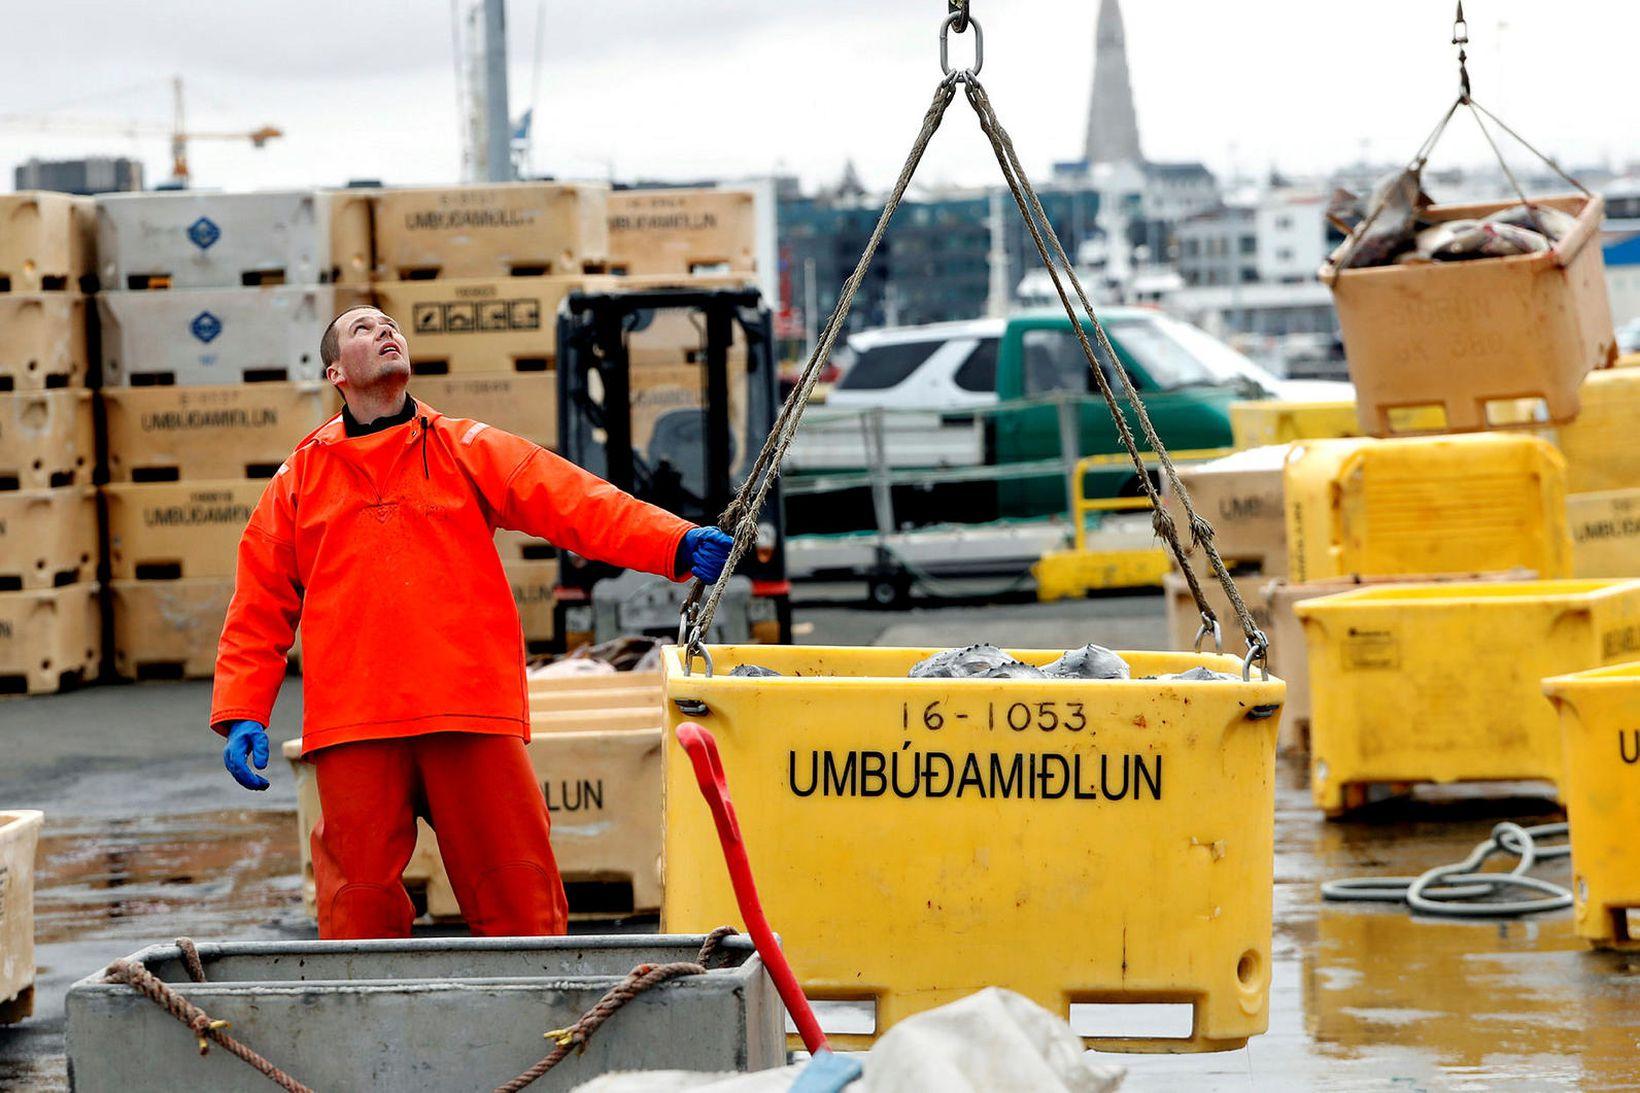 Útflutningsverðmæti sjávarafurða breyttist lítið milli ára í krónum en 9% …